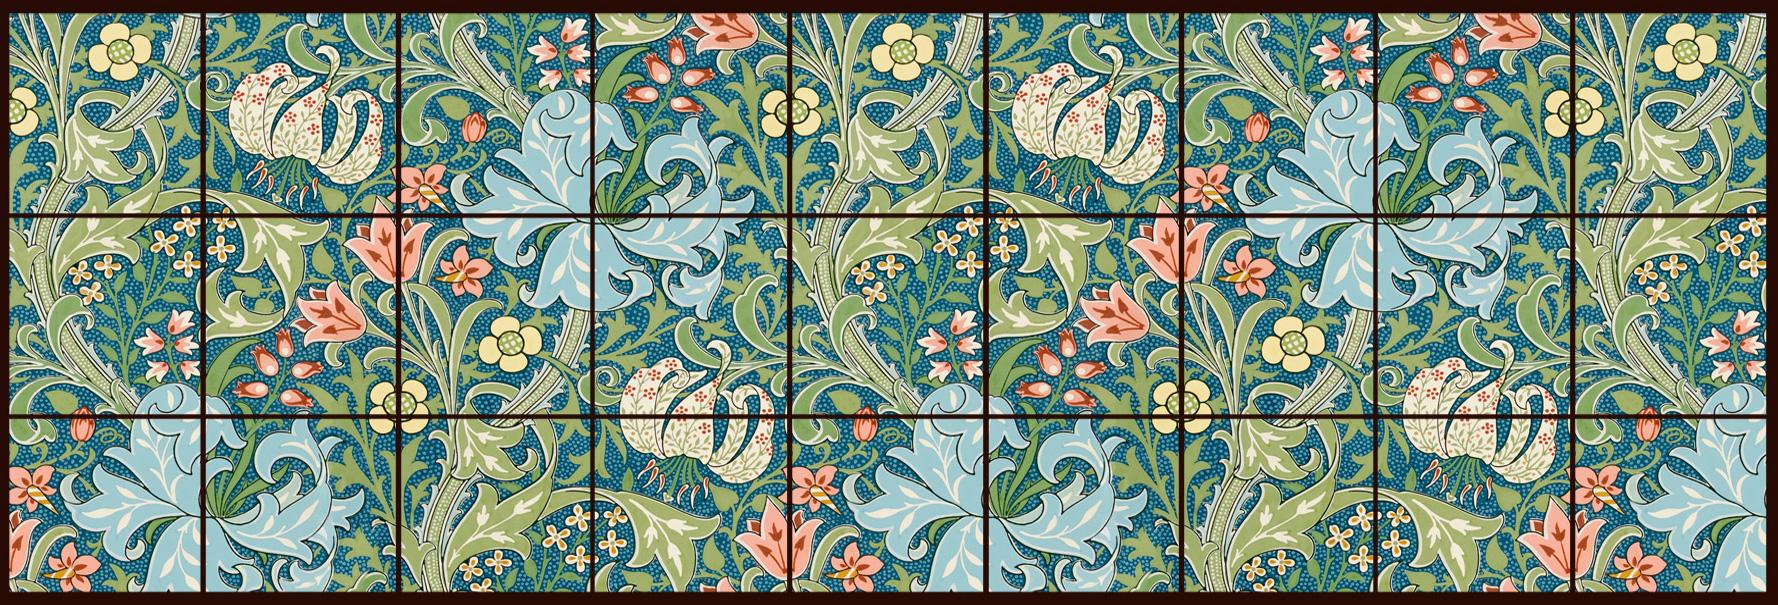 William Morris Tile Golden Lily large backsplash